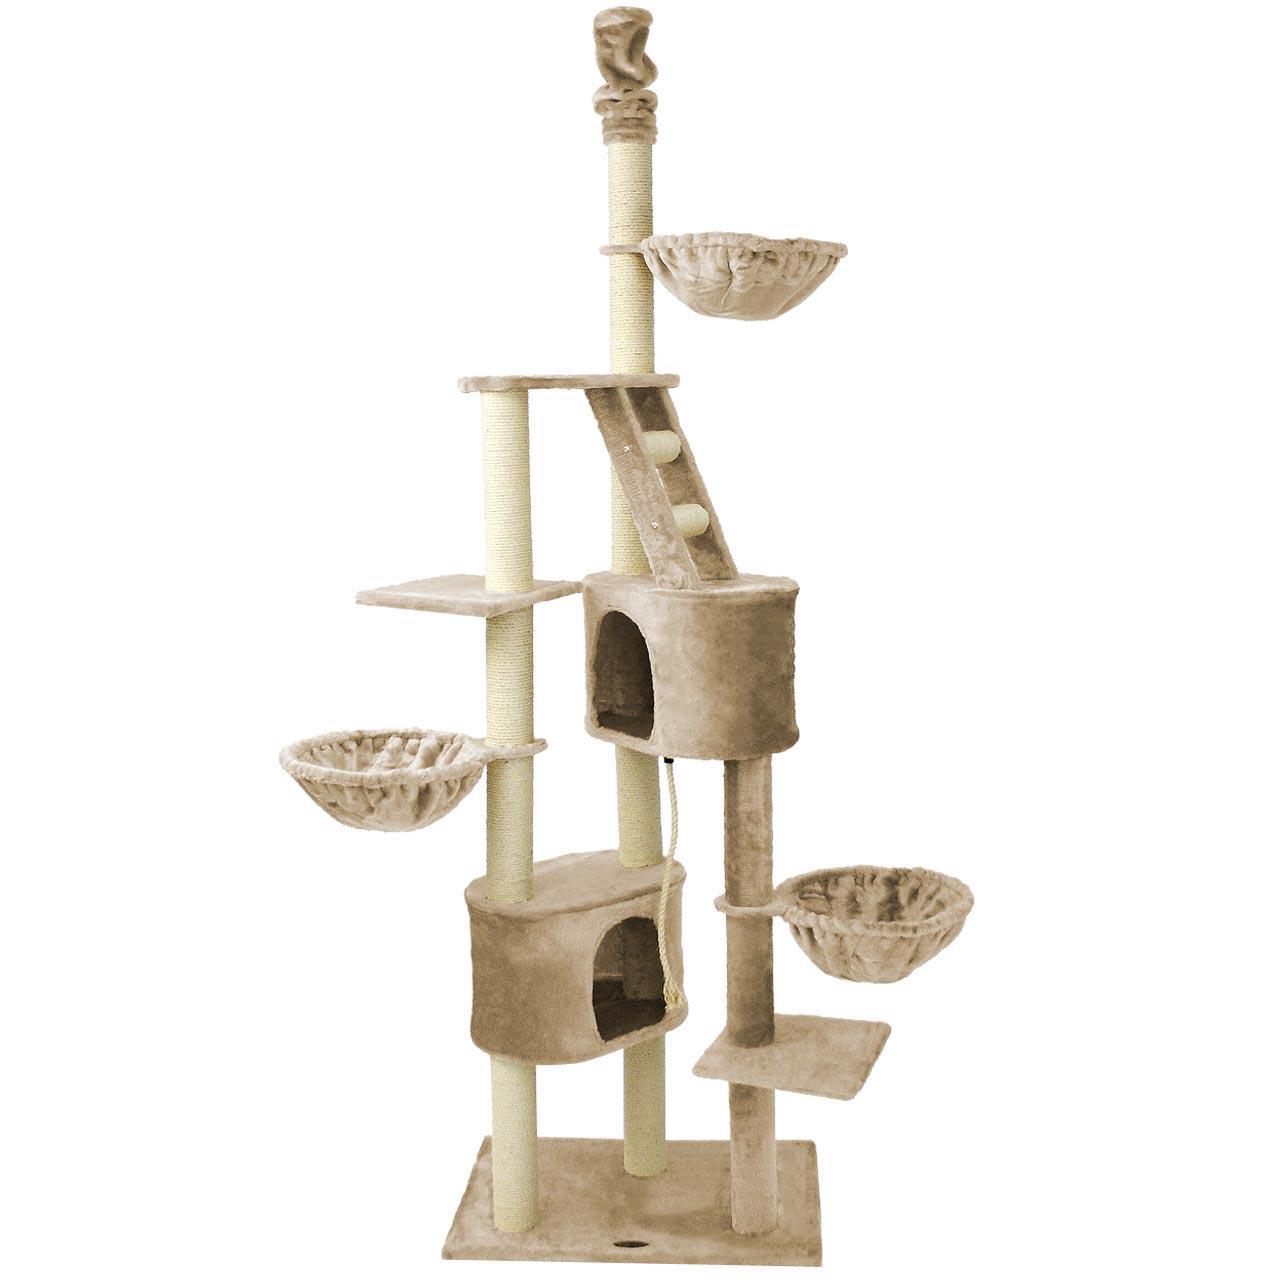 xxl kratzbaum cat009 premium katzenkratzbaum katzenbaum katzen farbwahl ebay. Black Bedroom Furniture Sets. Home Design Ideas